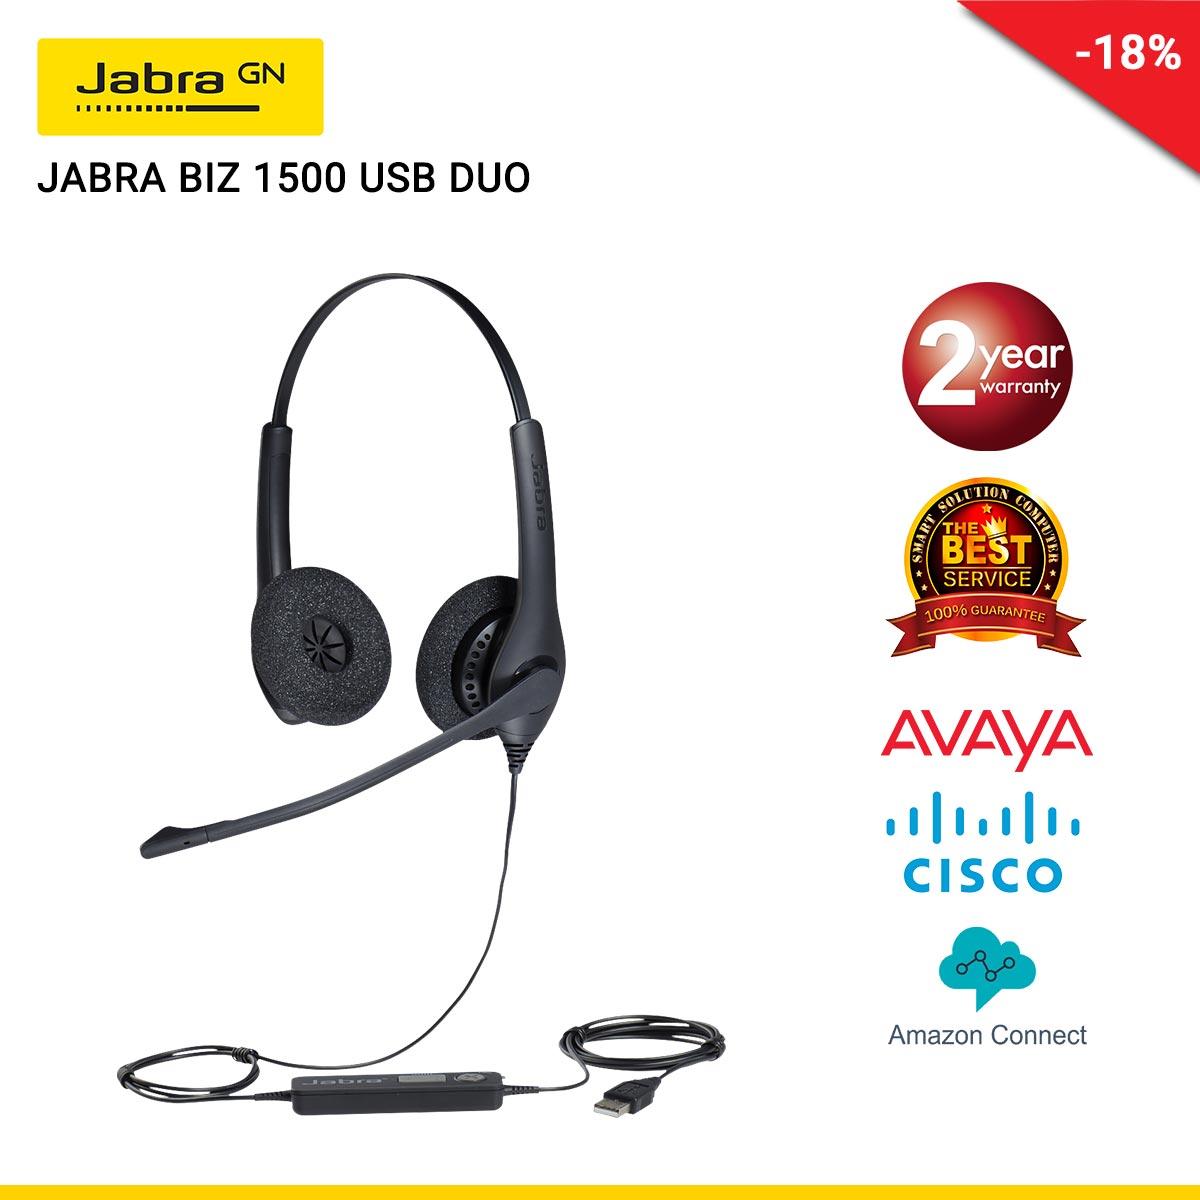 JABRA BIZ 1500 USB DUO (JBA-1559-0159)